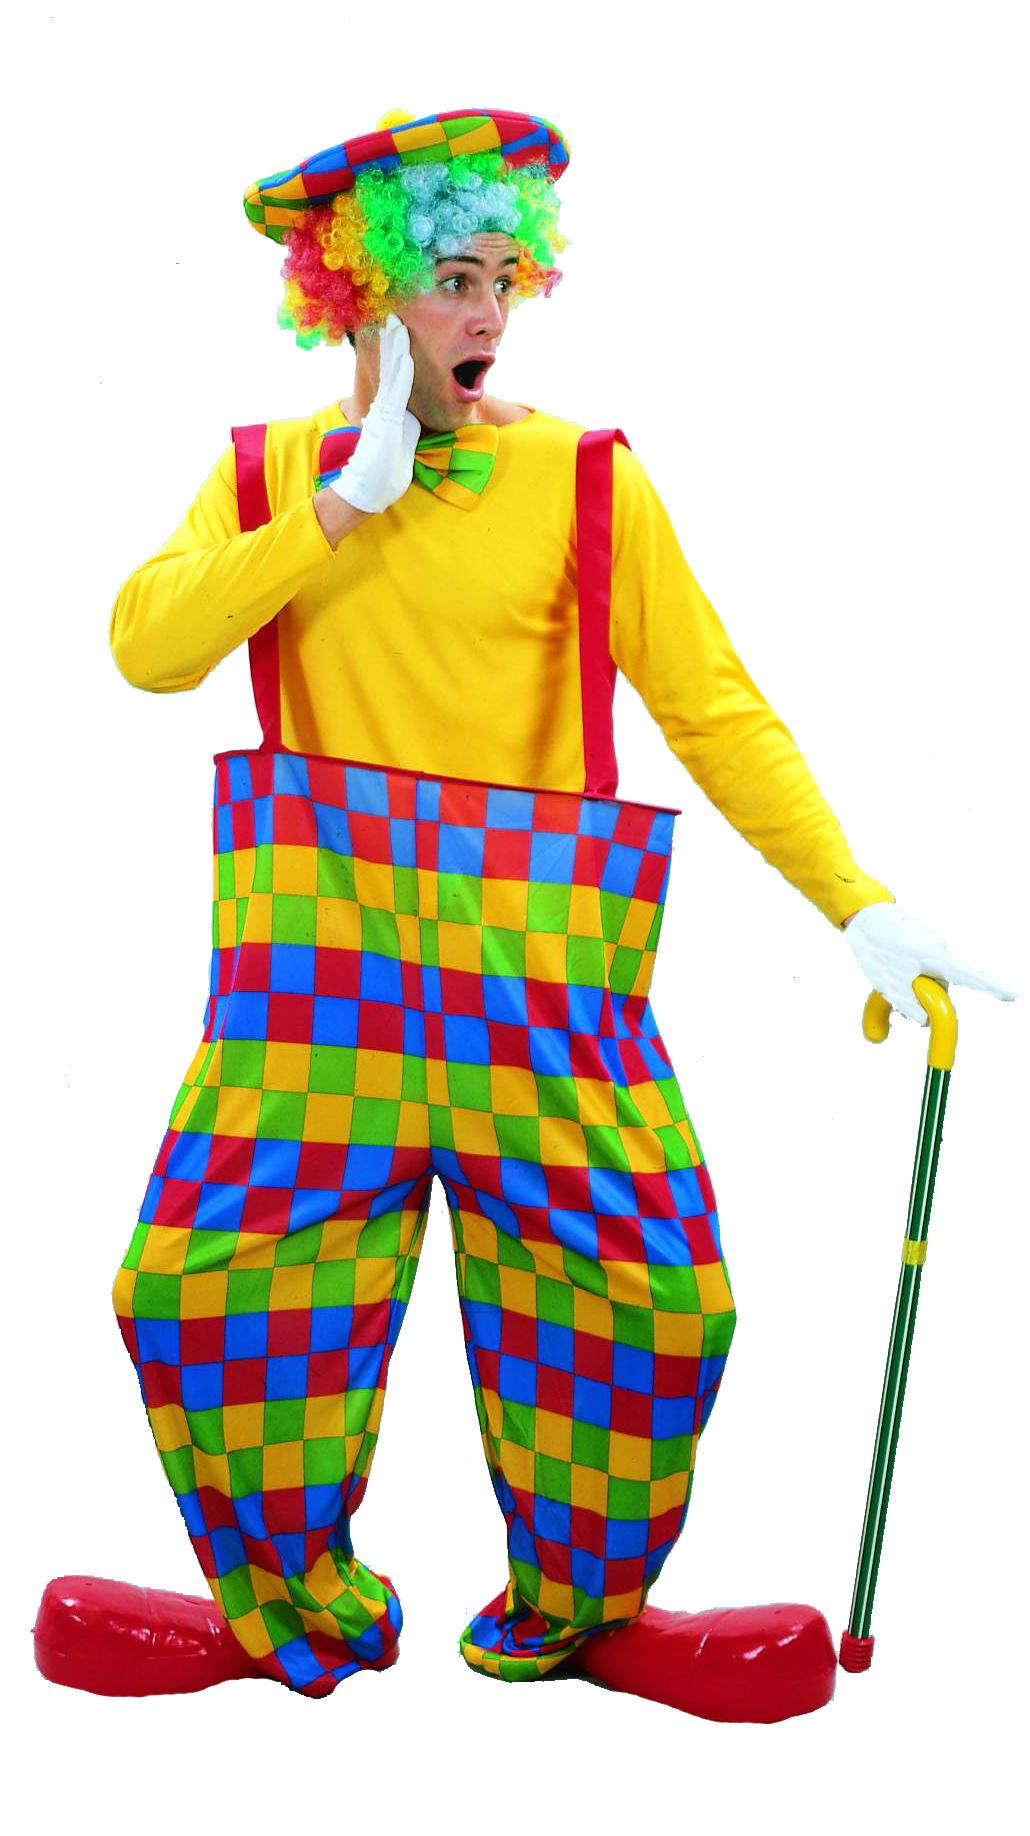 d guisement clown homme costume clown pas cher d guisement carnaval. Black Bedroom Furniture Sets. Home Design Ideas